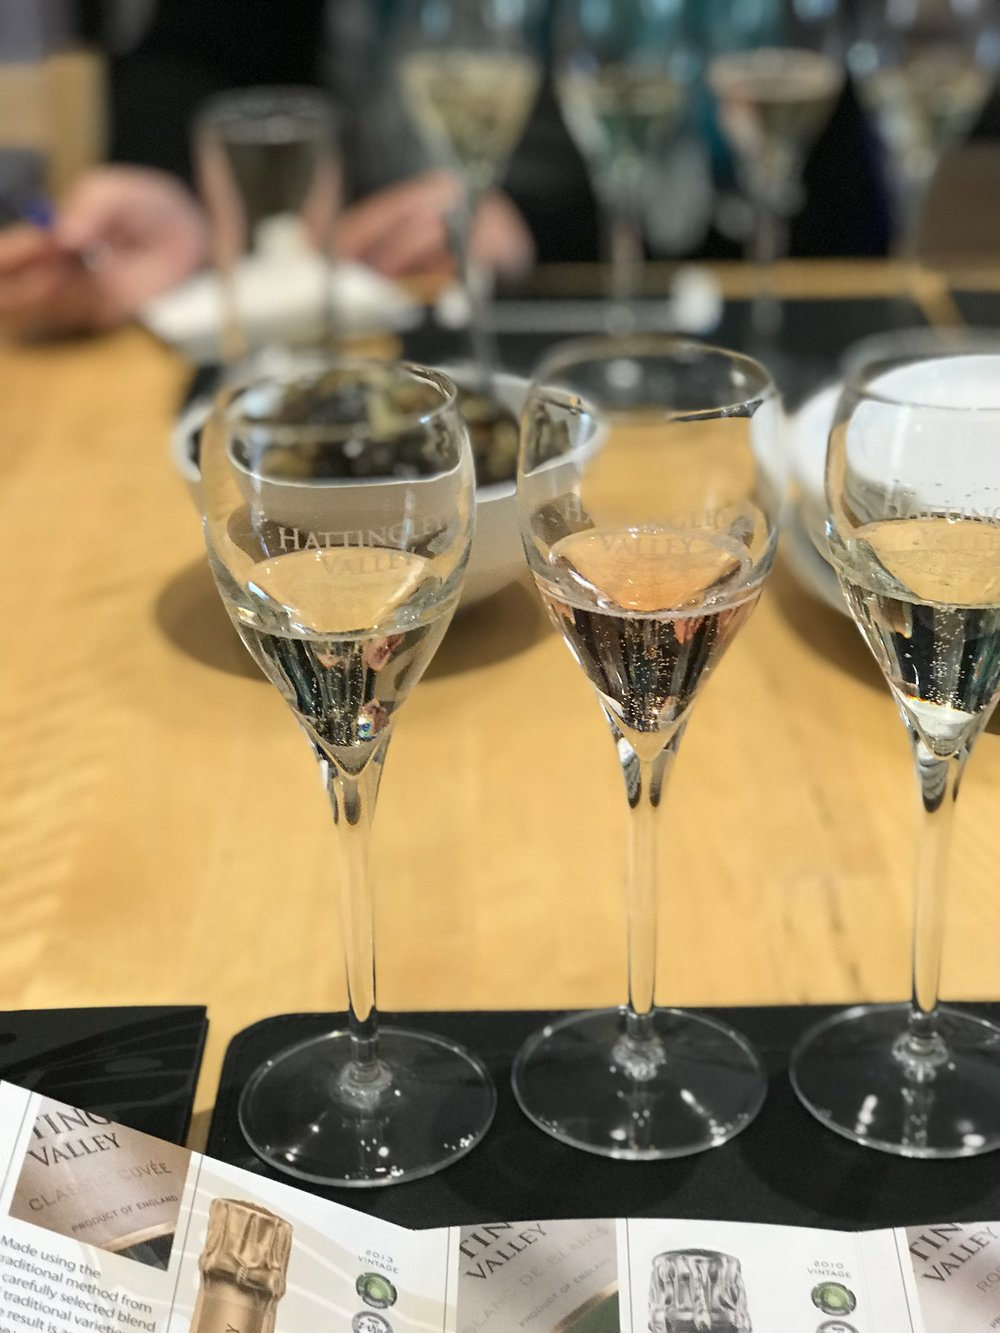 Incredible selection of Hattingley Wines